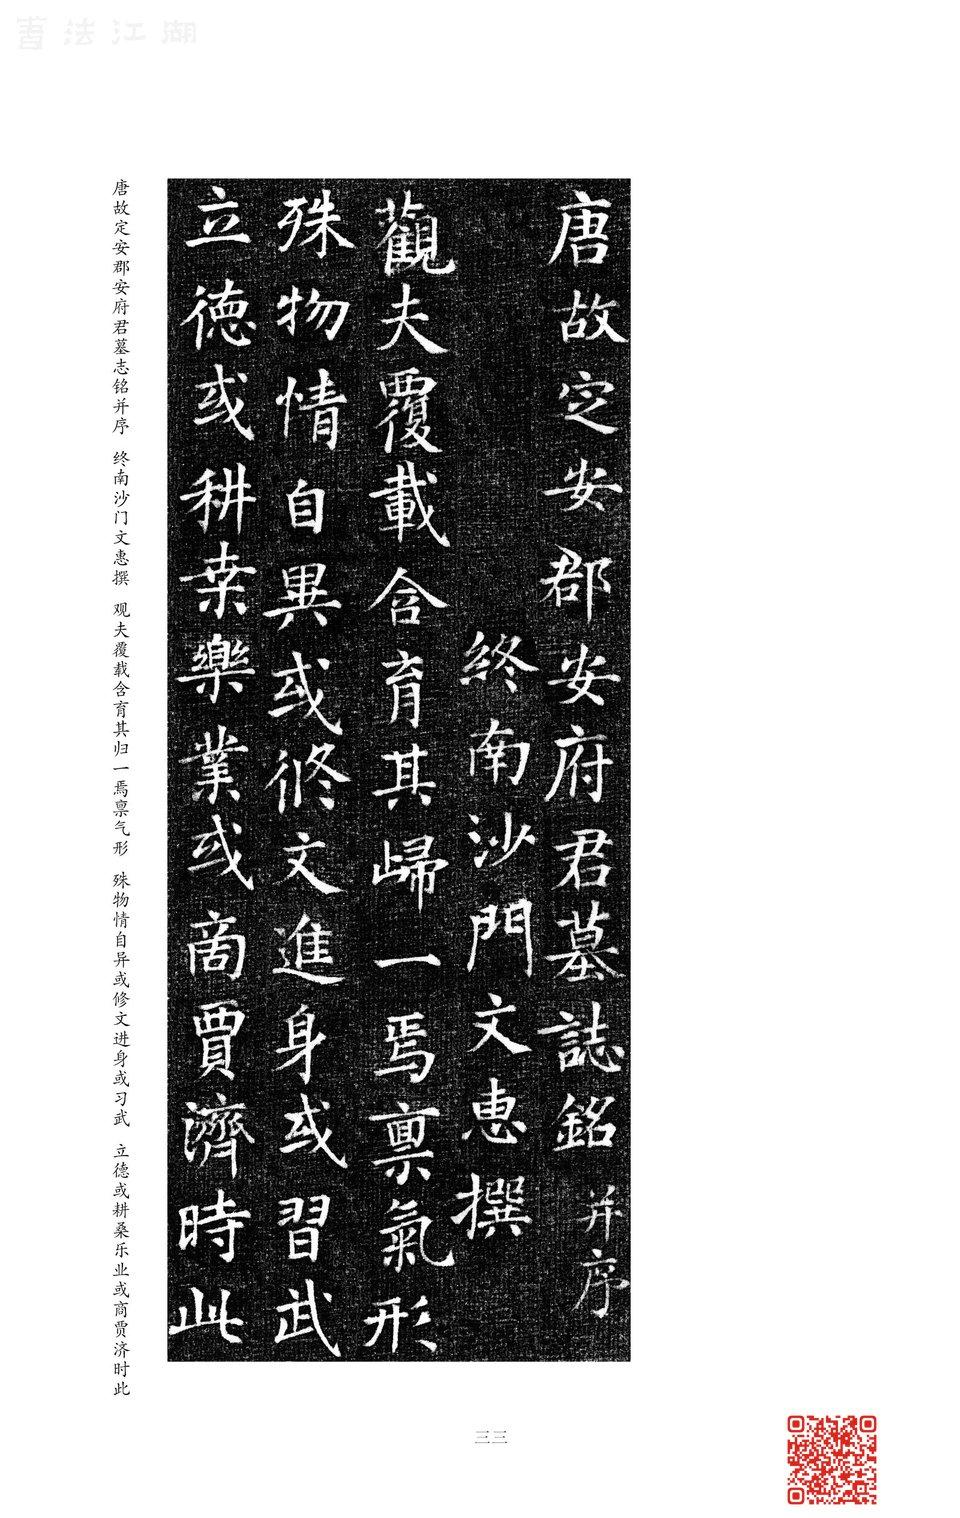 2-楷书发展(下)从隋到唐走向成熟-内页37.jpg